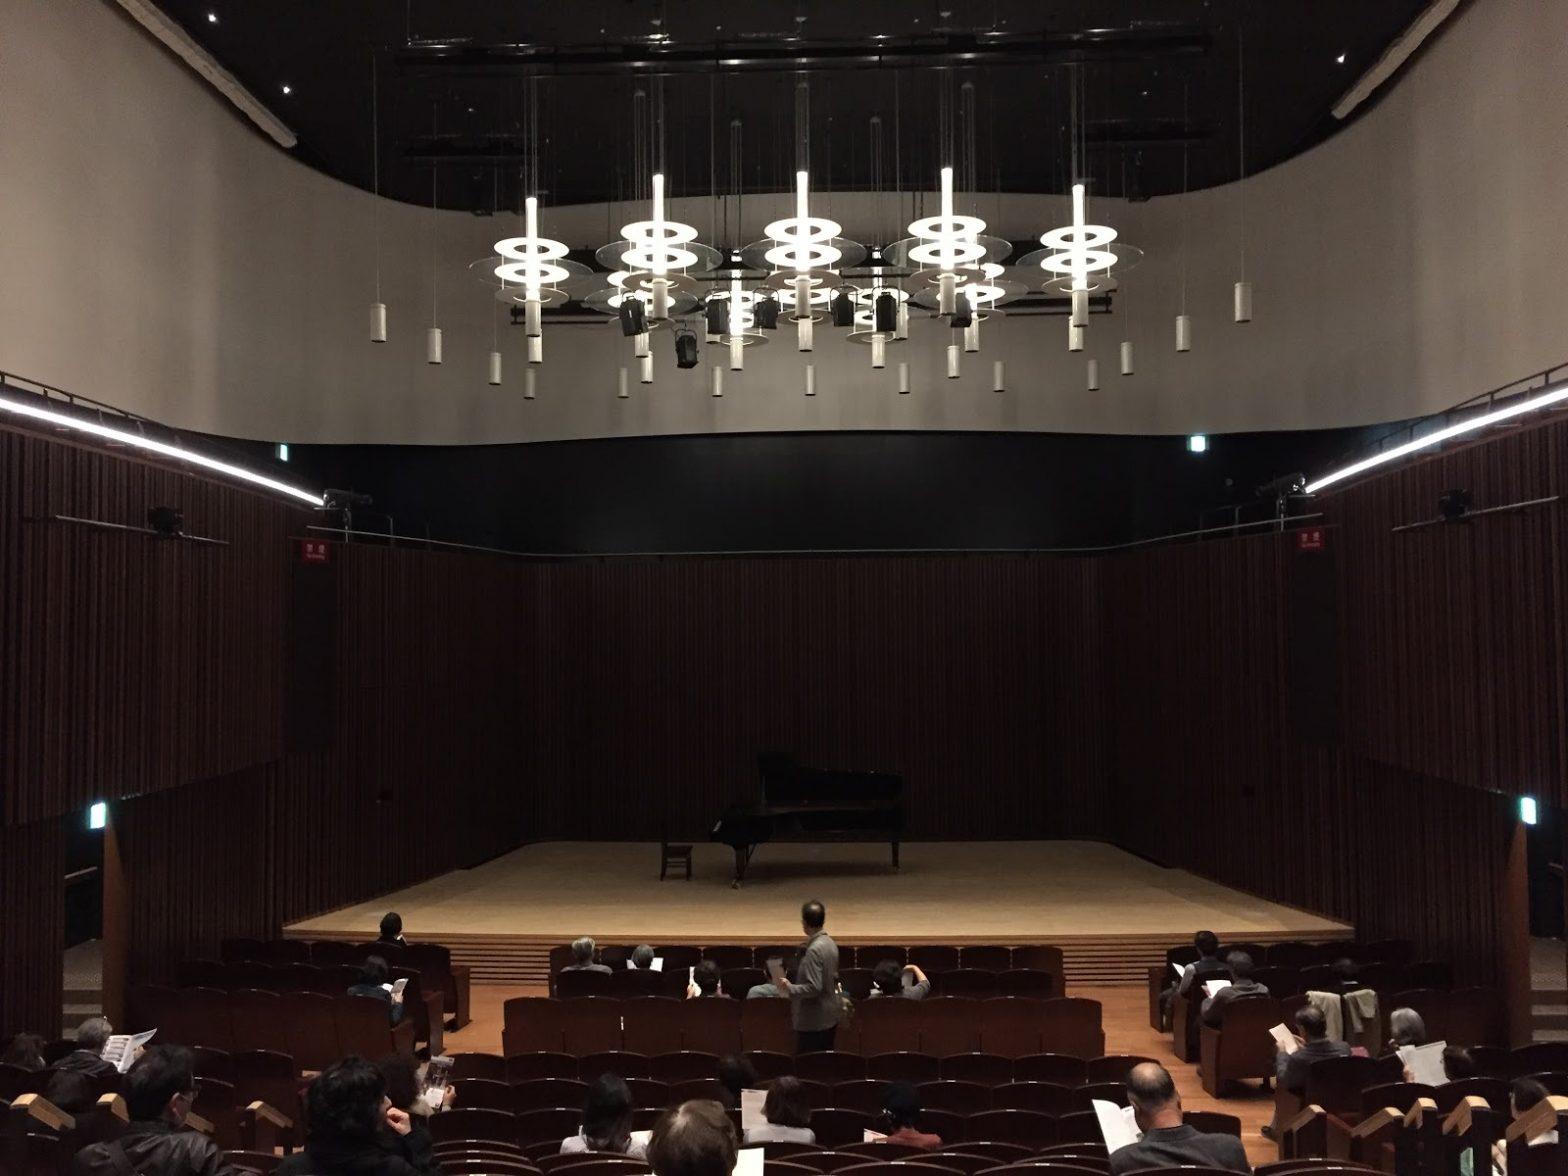 クラシックコンサートへとマジックショーの料金設定